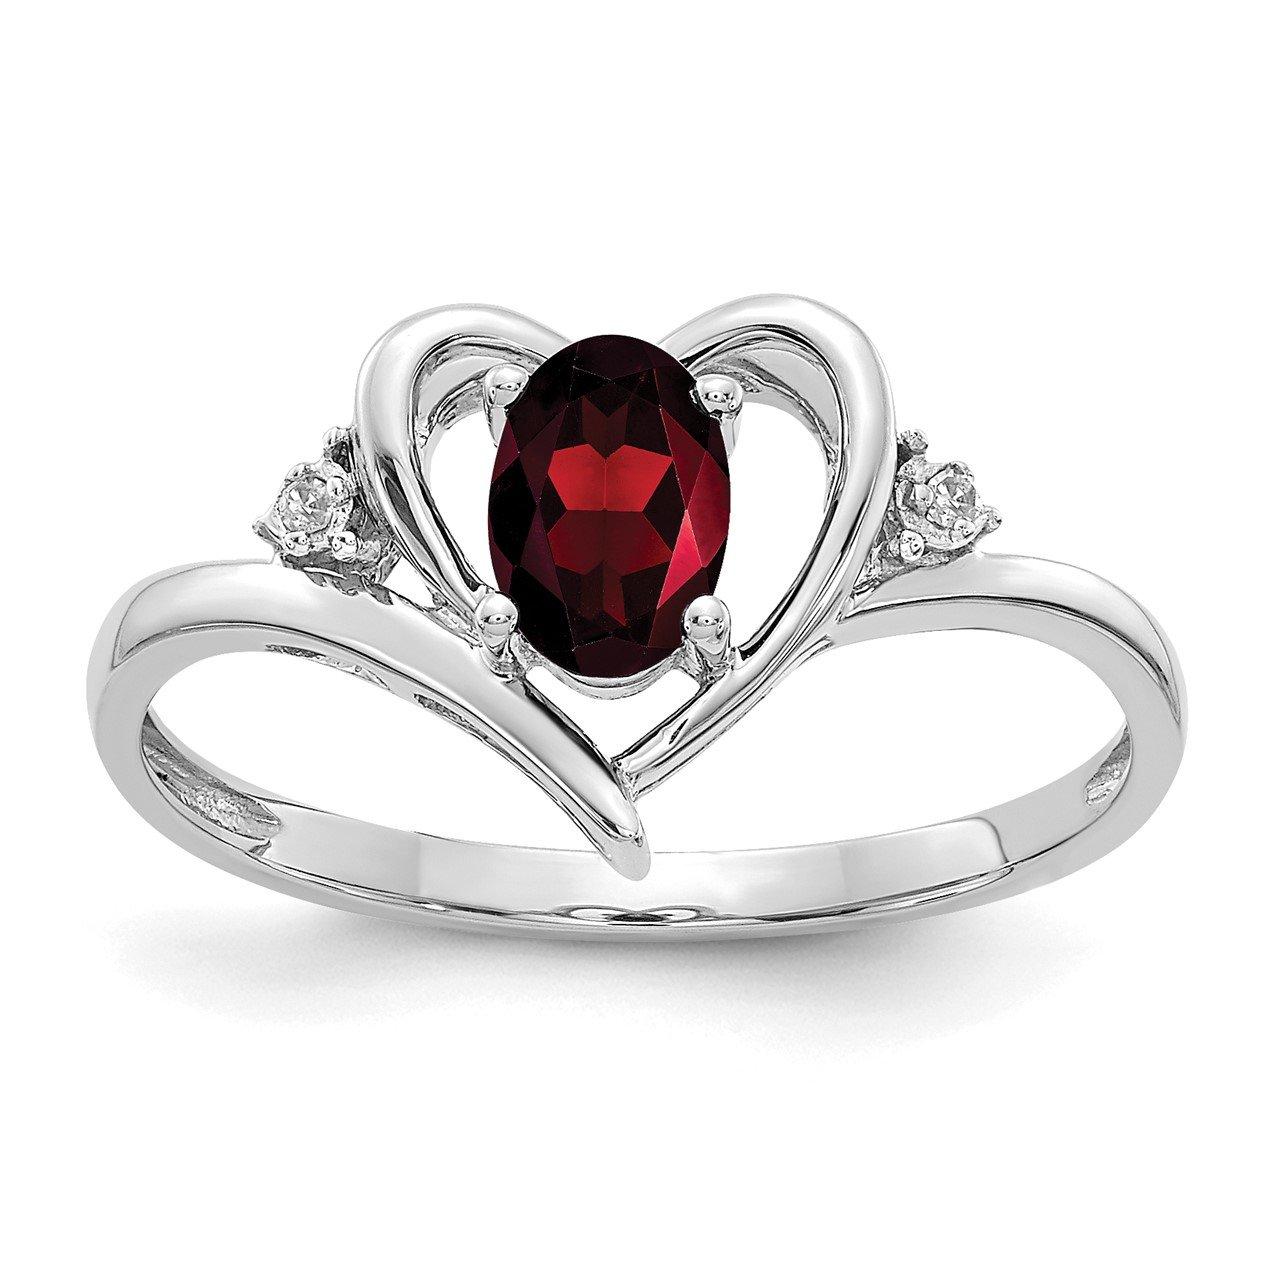 14k White Gold Garnet and Diamond Heart Ring